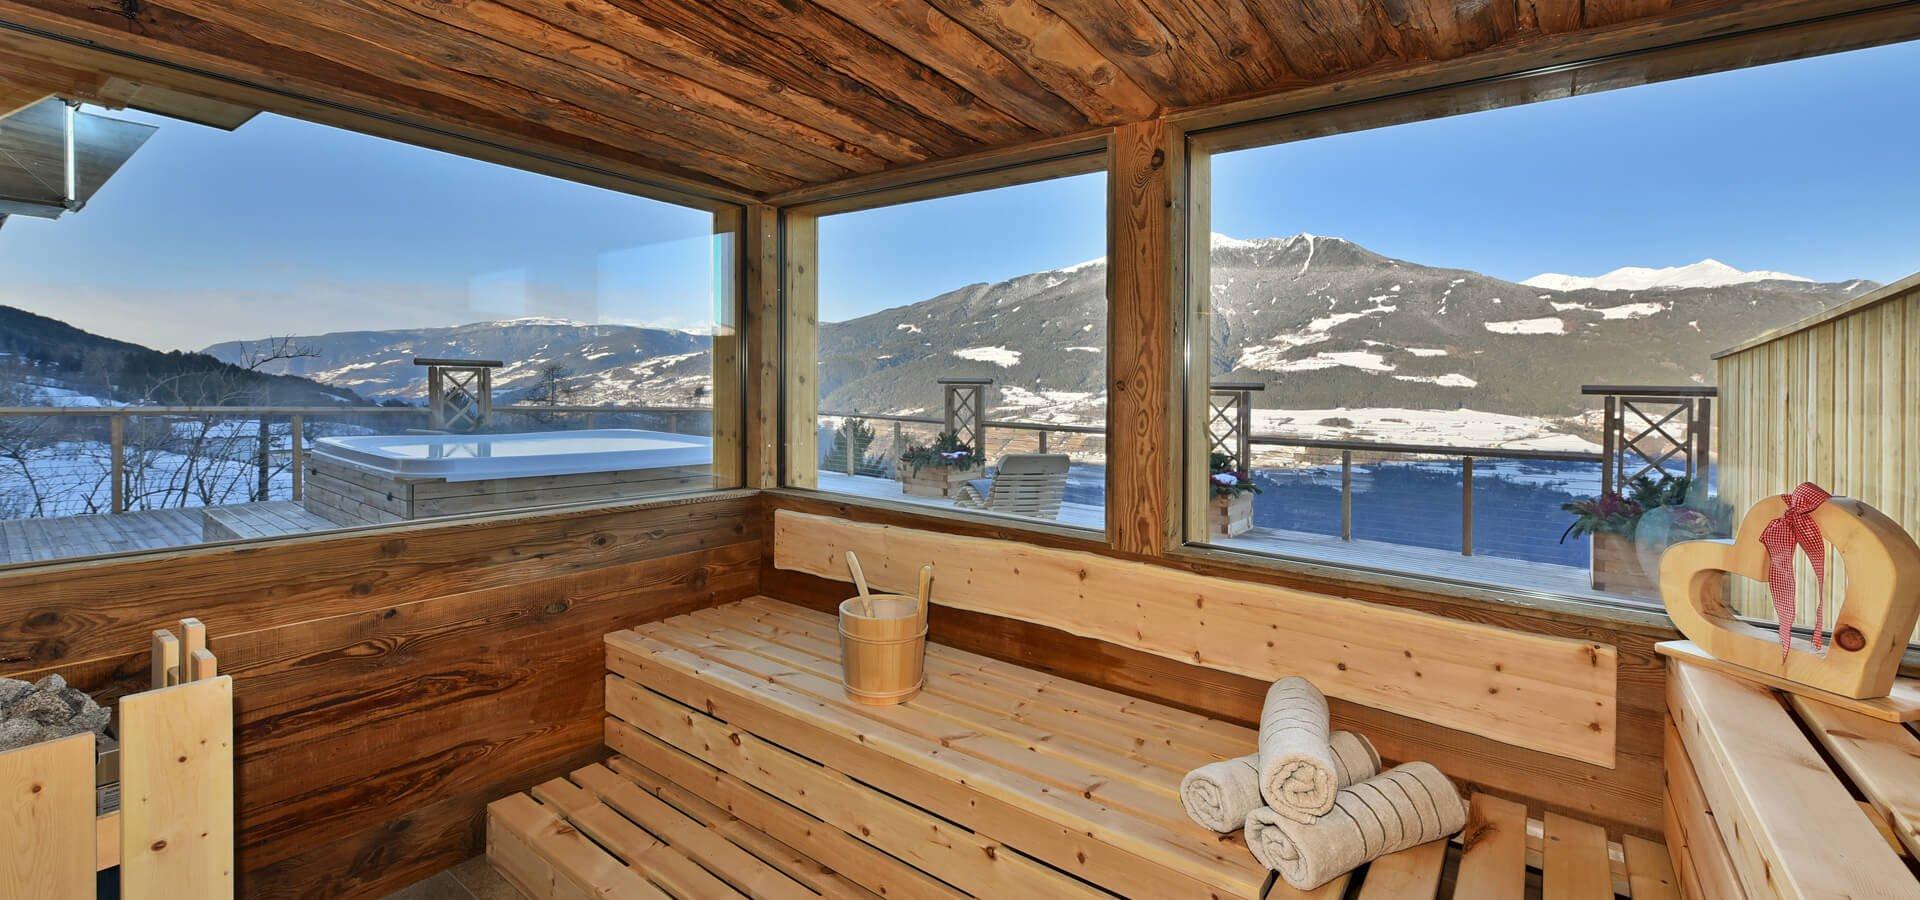 wellnessbauernhof-sauna-ausblick